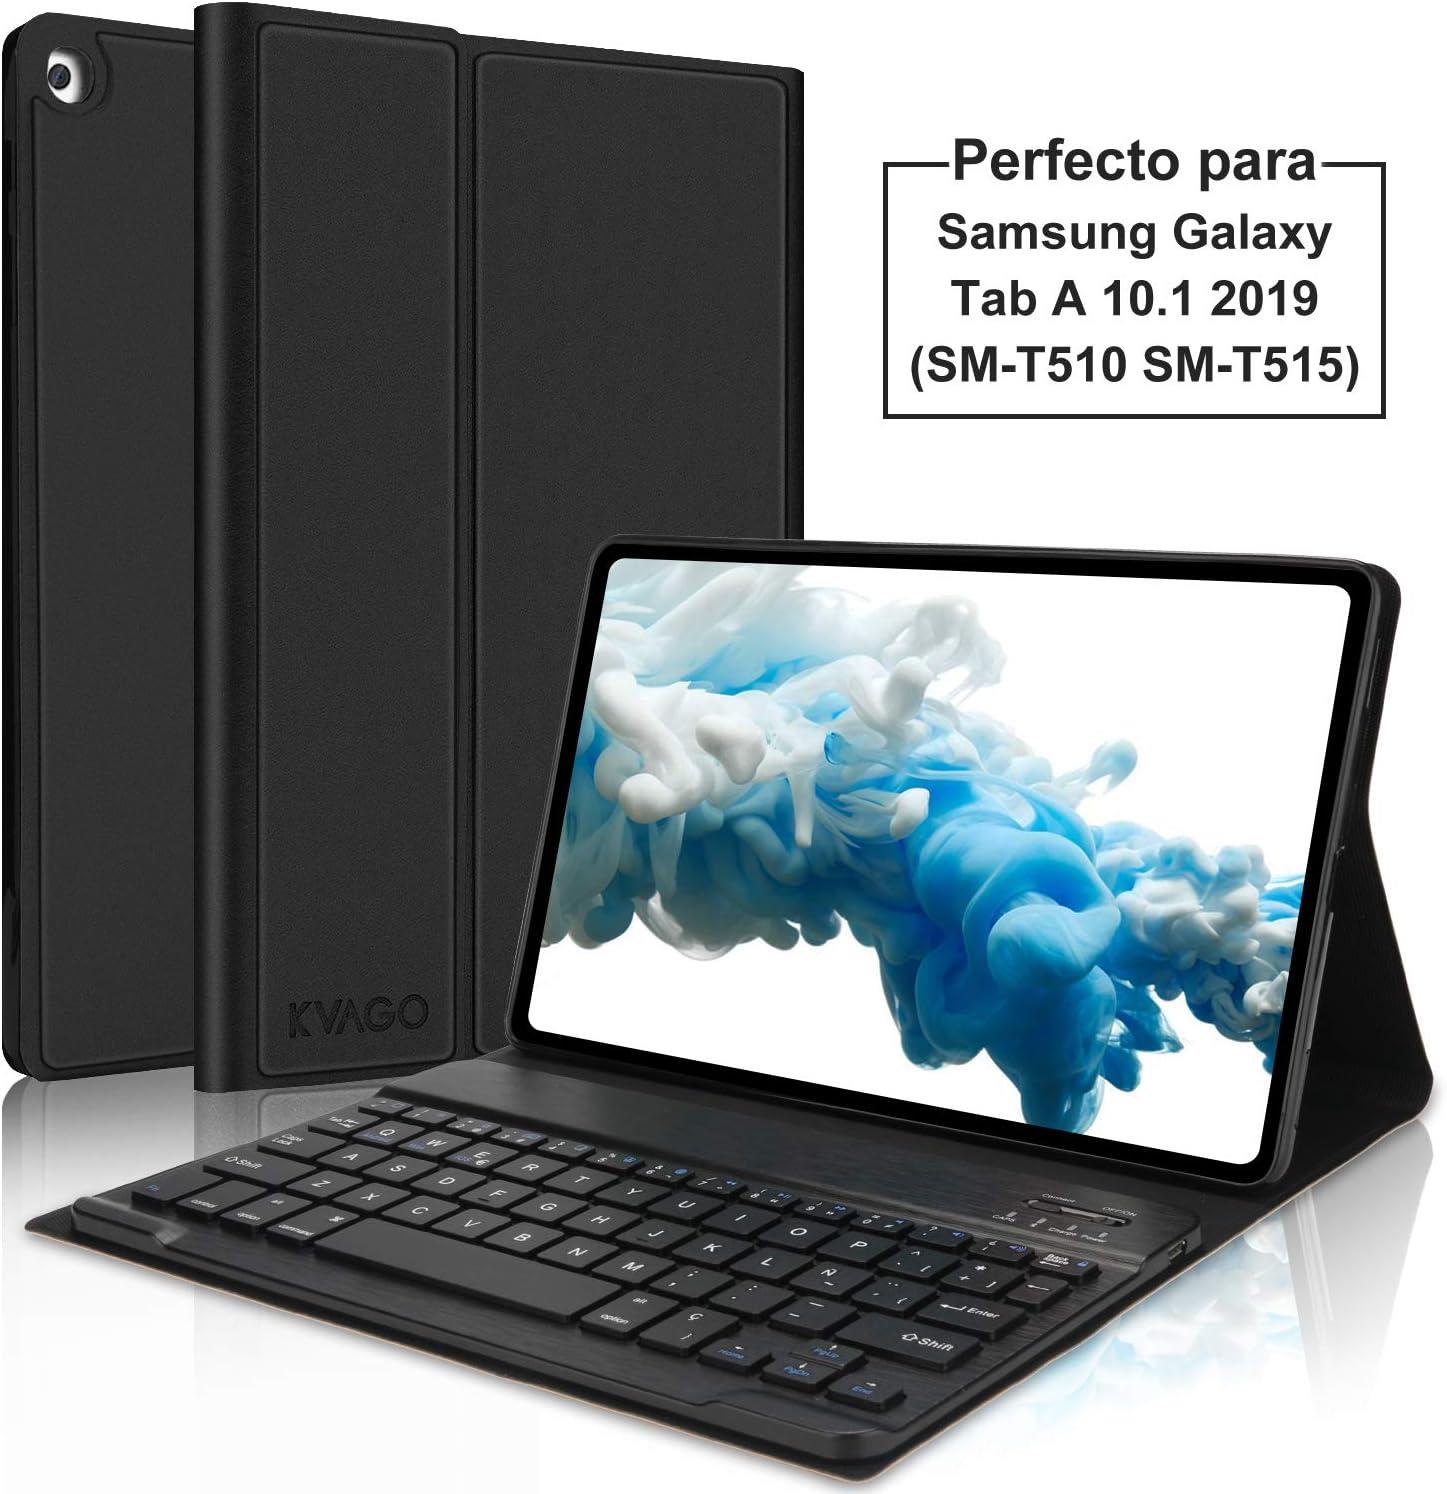 KVAGO Funda con Teclado Español Ñ para Samsung Galaxy Tab A 10.1 2019 con Teclado Bluetooth Inalámbrico,Slim PU Protectora Carcasa Cover para Samsung Tab A 10.1 T510/T515 2019, Negro